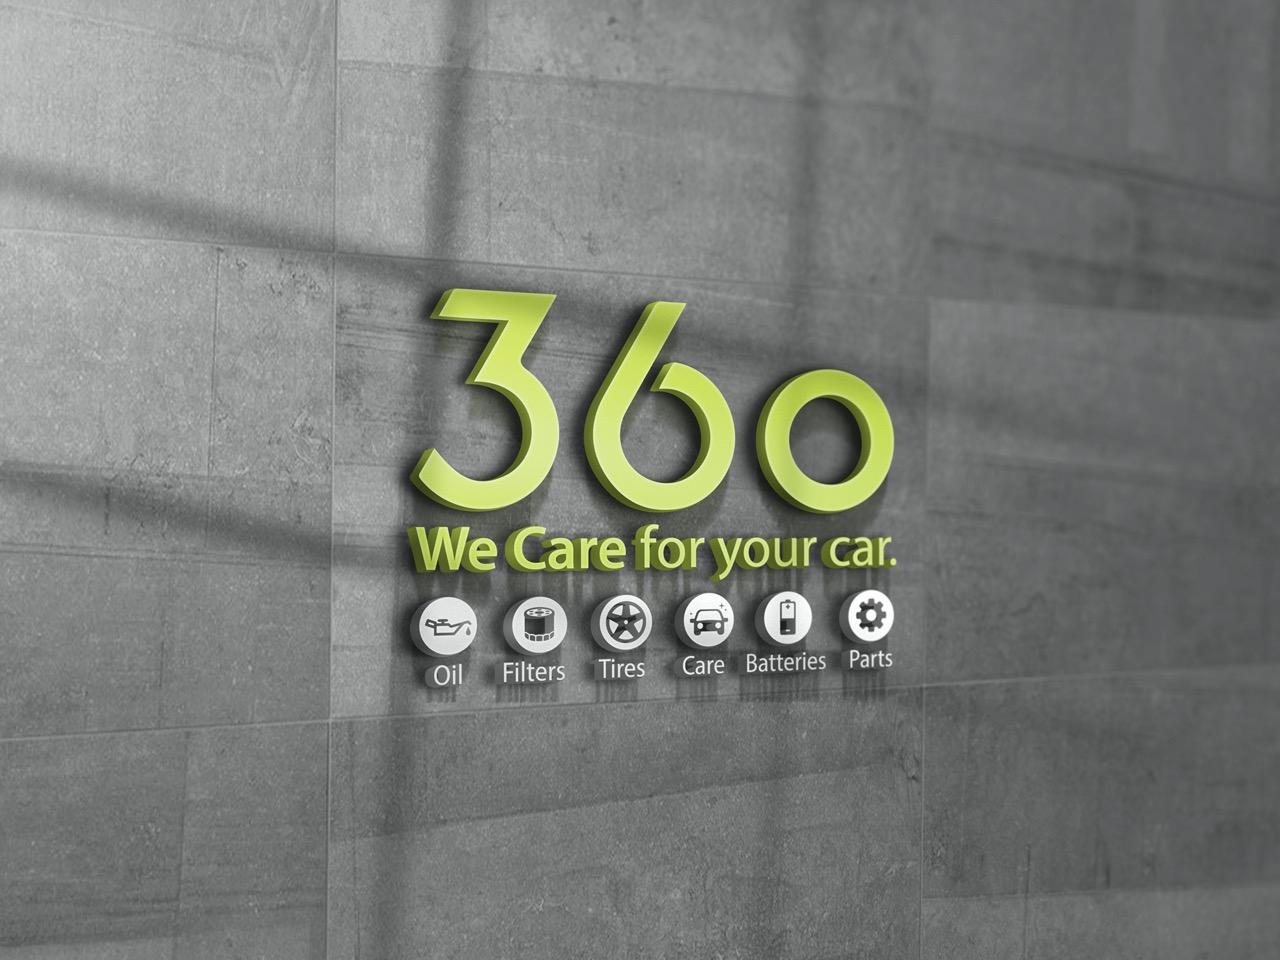 مركز 360 لخدمة السيارات